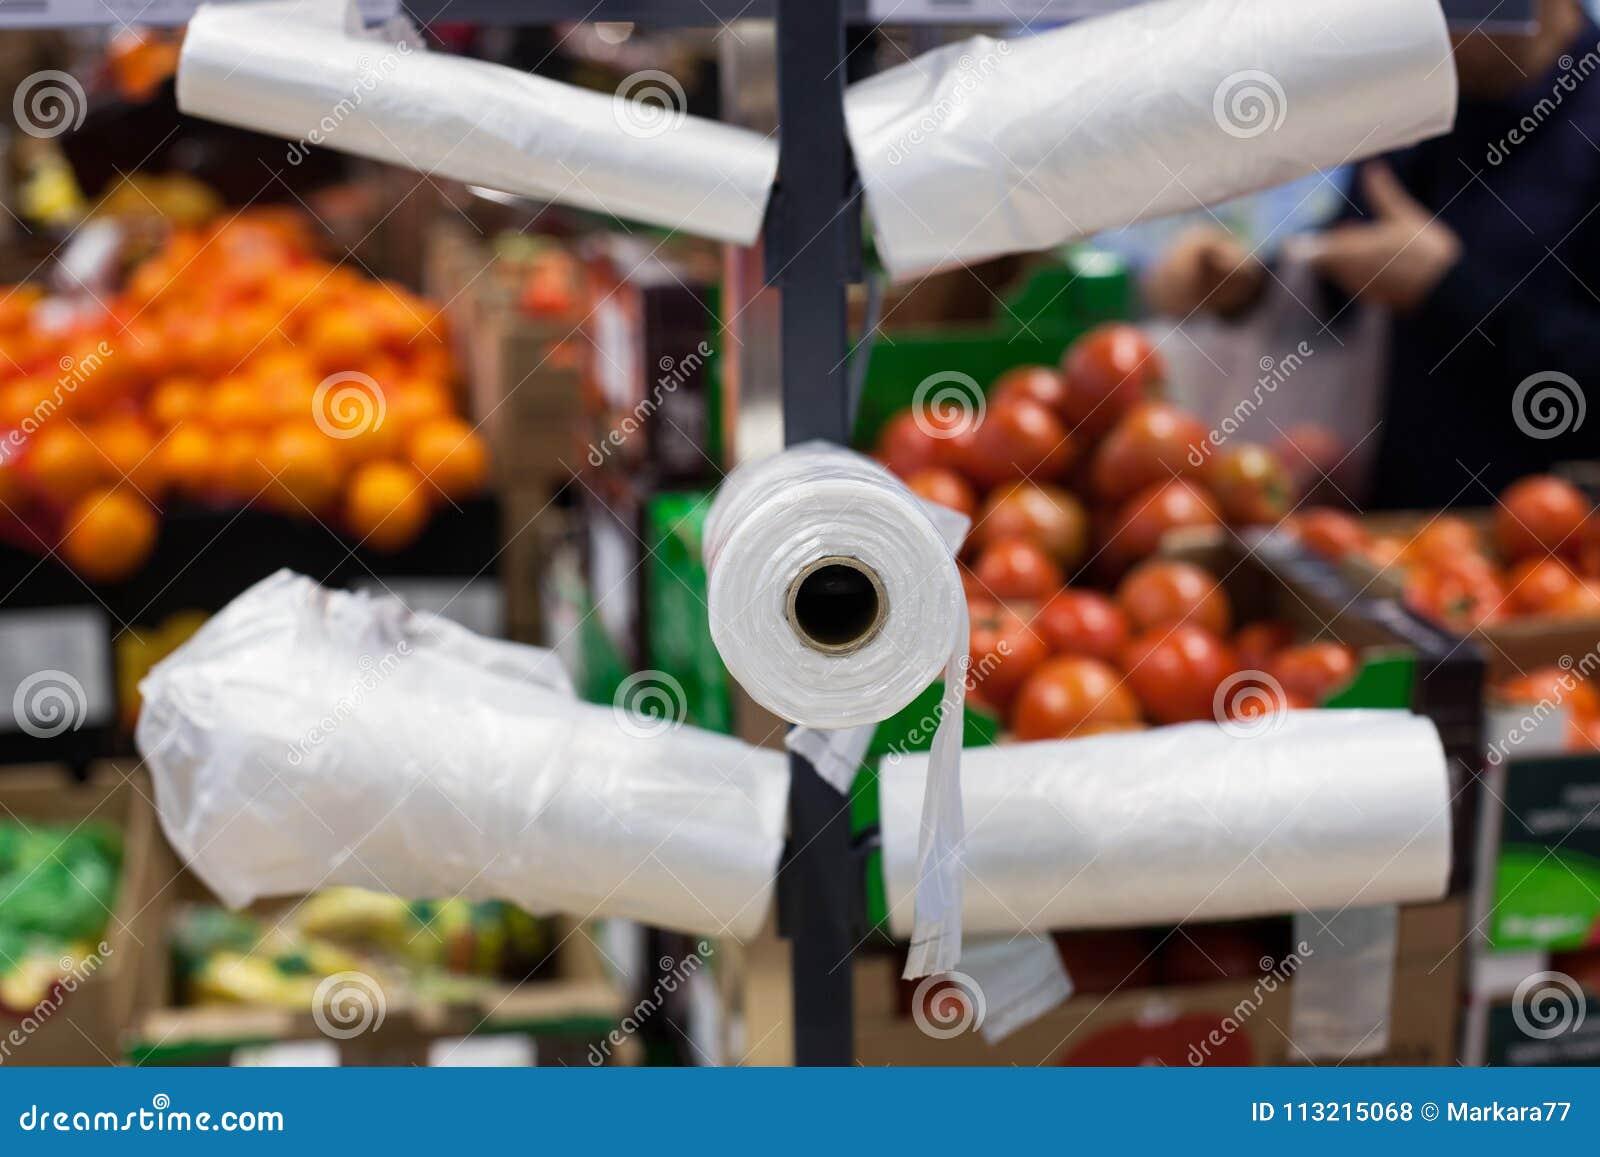 塑料袋在超级市场